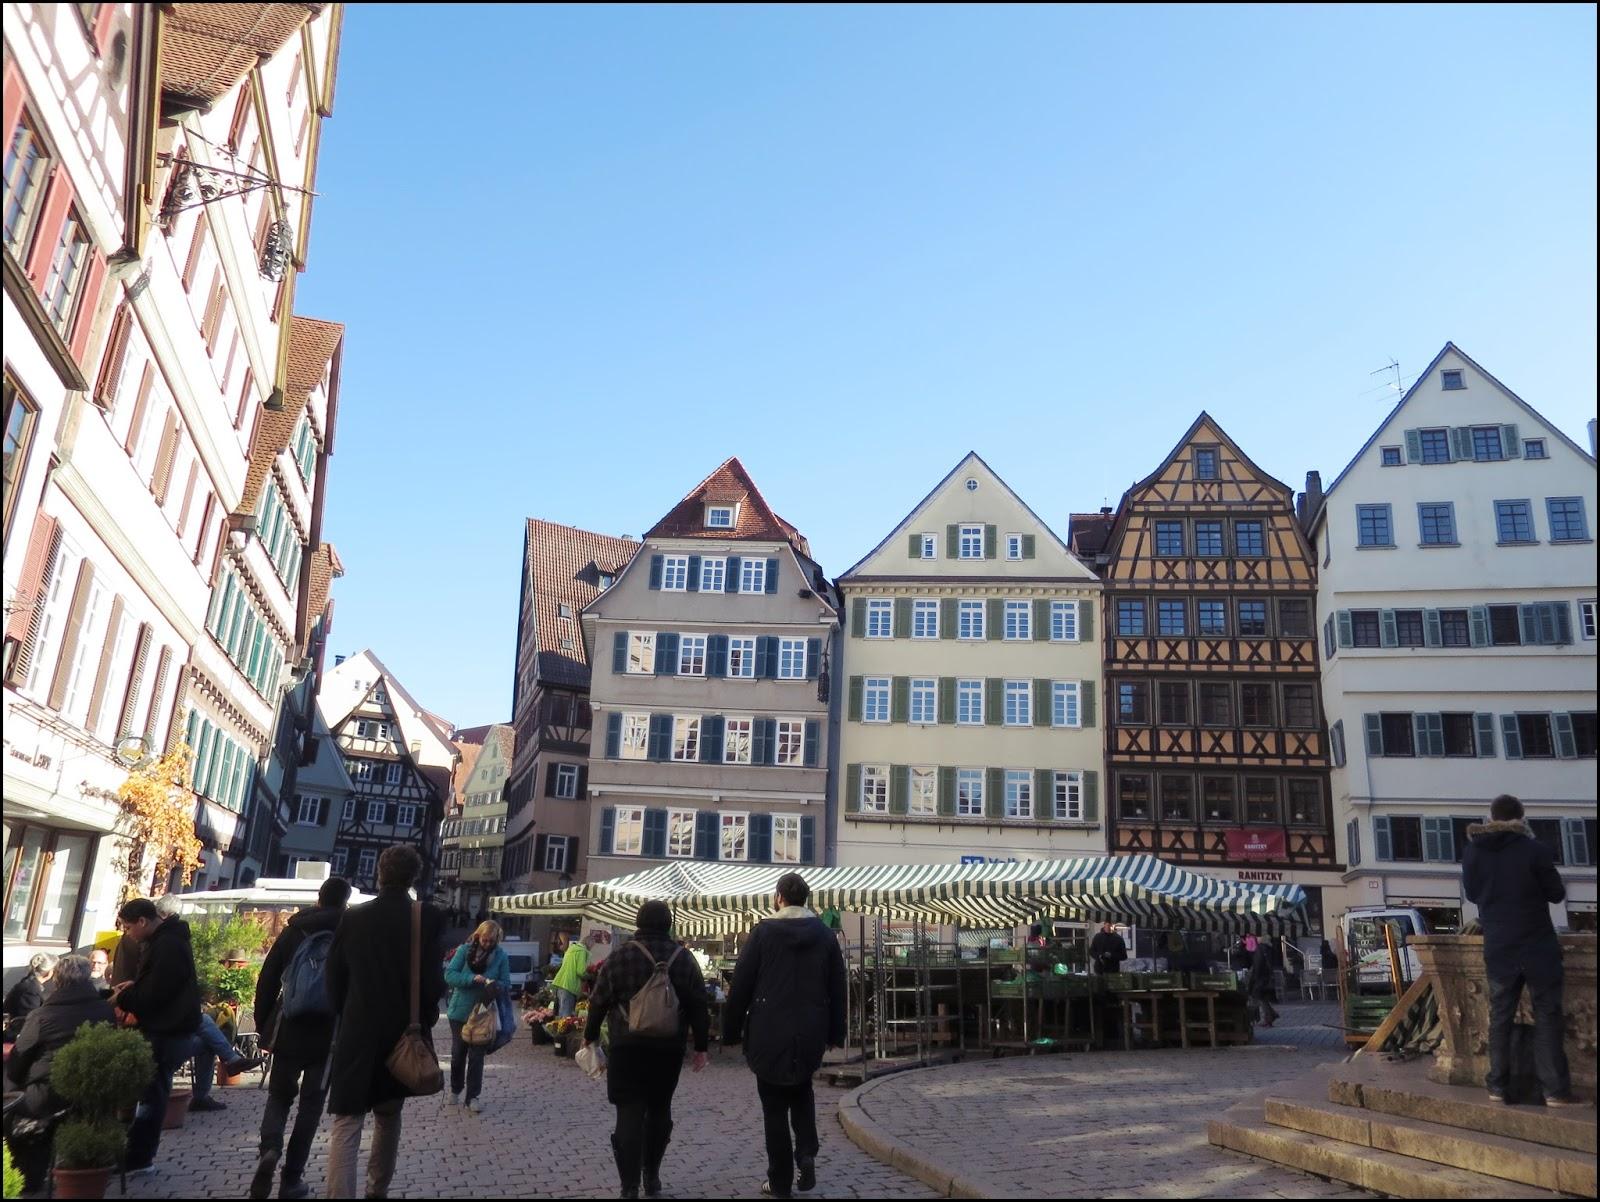 小千與卡西火的世界: 2015' 德國自駕遊15日 ~ Day11: 最有名的大學城 Tubingen/ Outlet City Metzingen